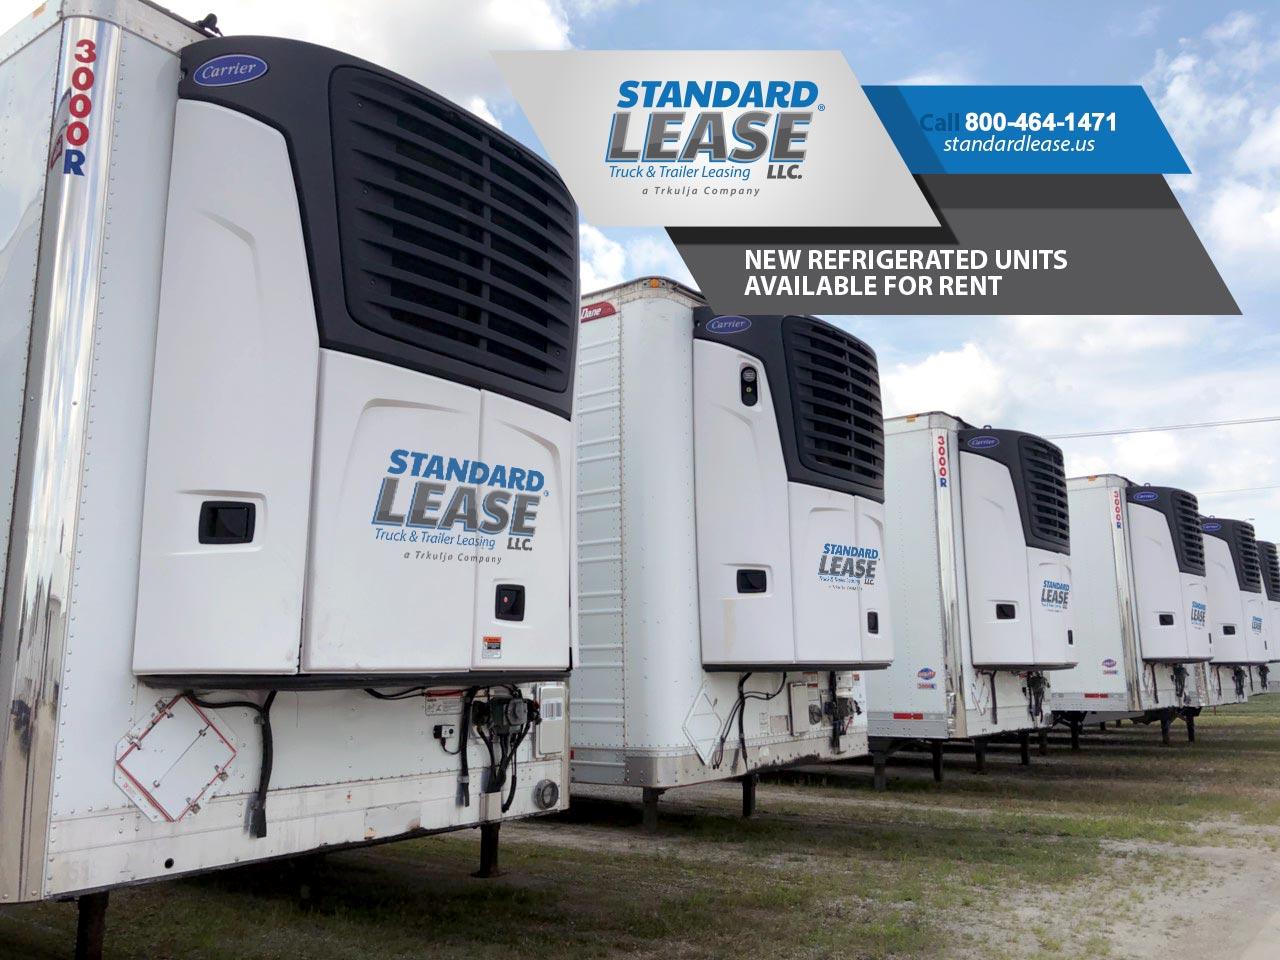 Standard Lease Truck & Trailer Lease